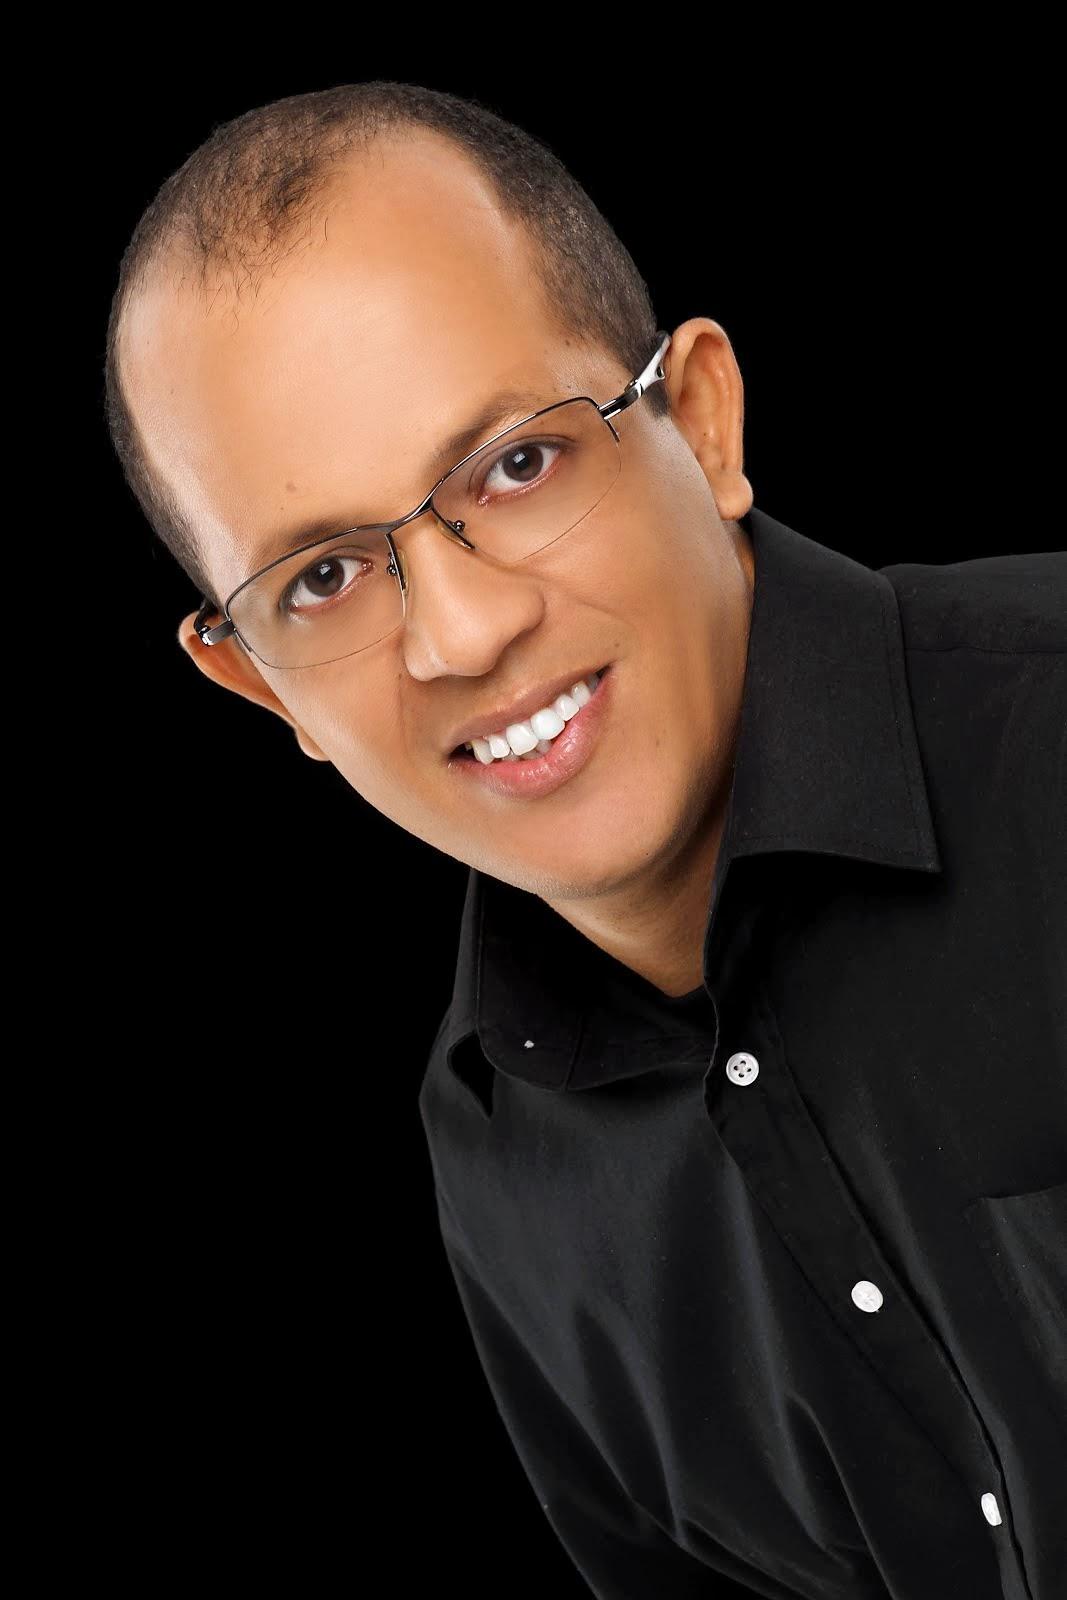 Pr. Fabiano Vieira